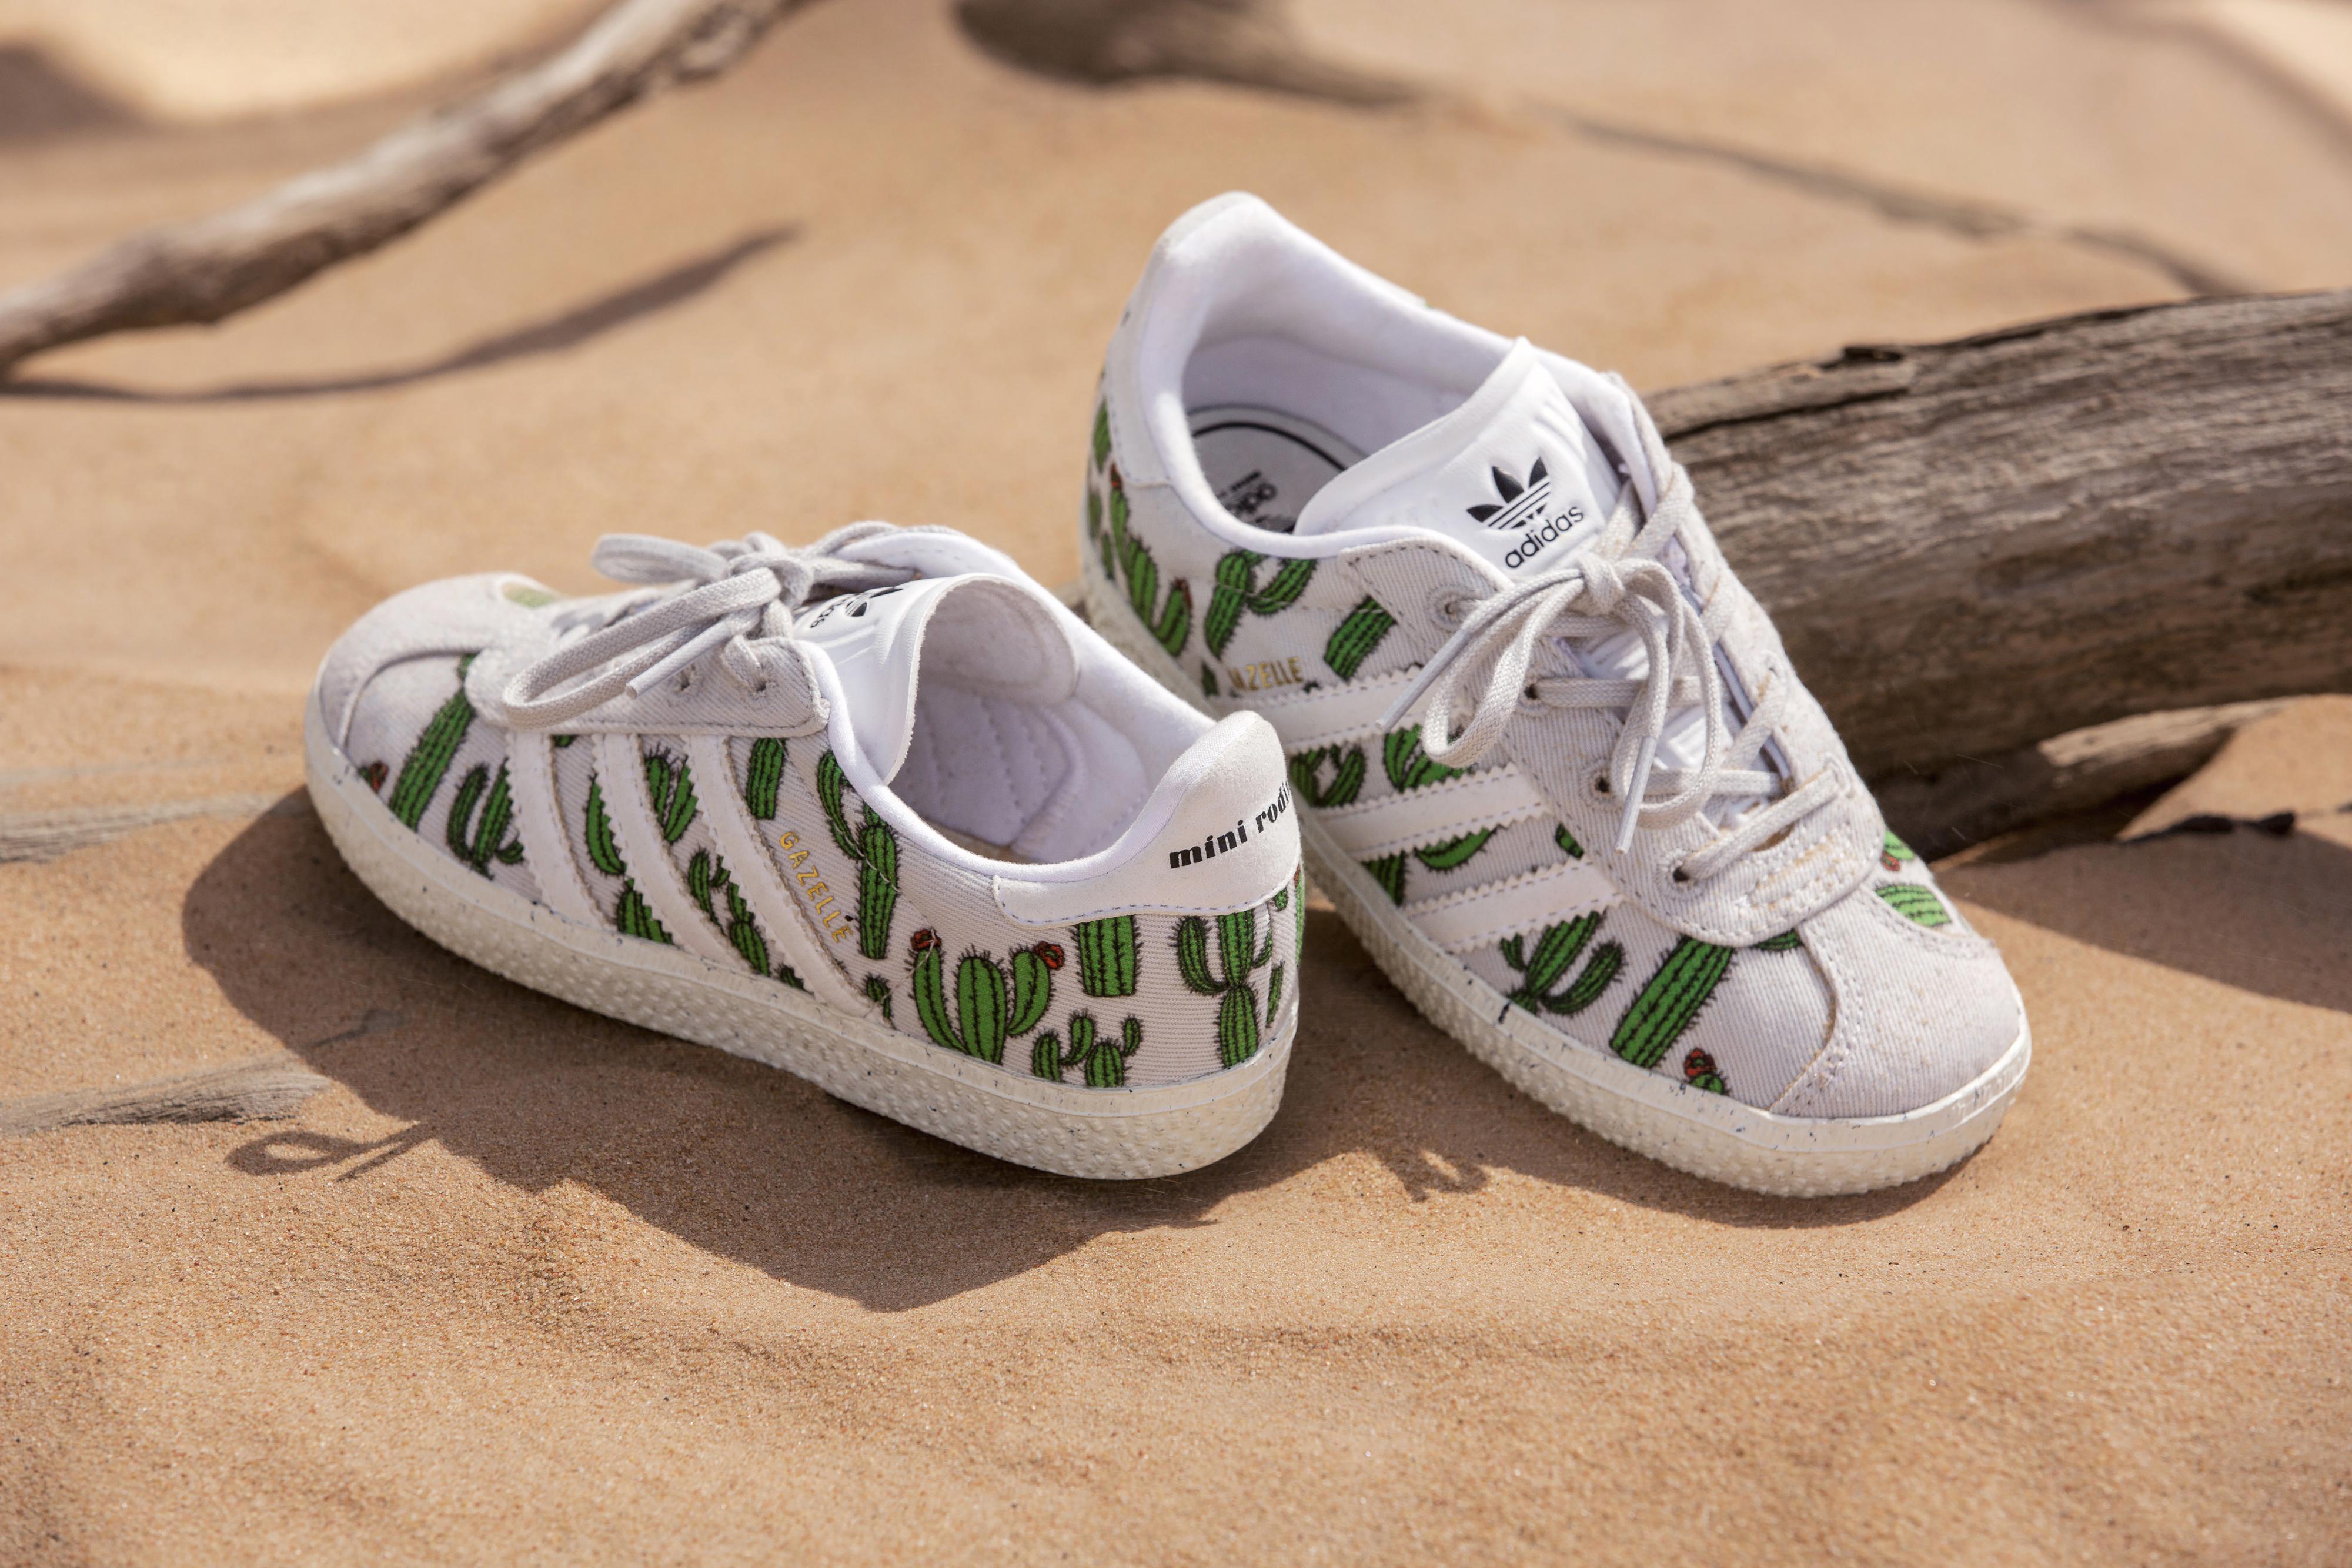 4 Part Mini Rodini Adidas MiniStylishSaturday on x D2I9WEH